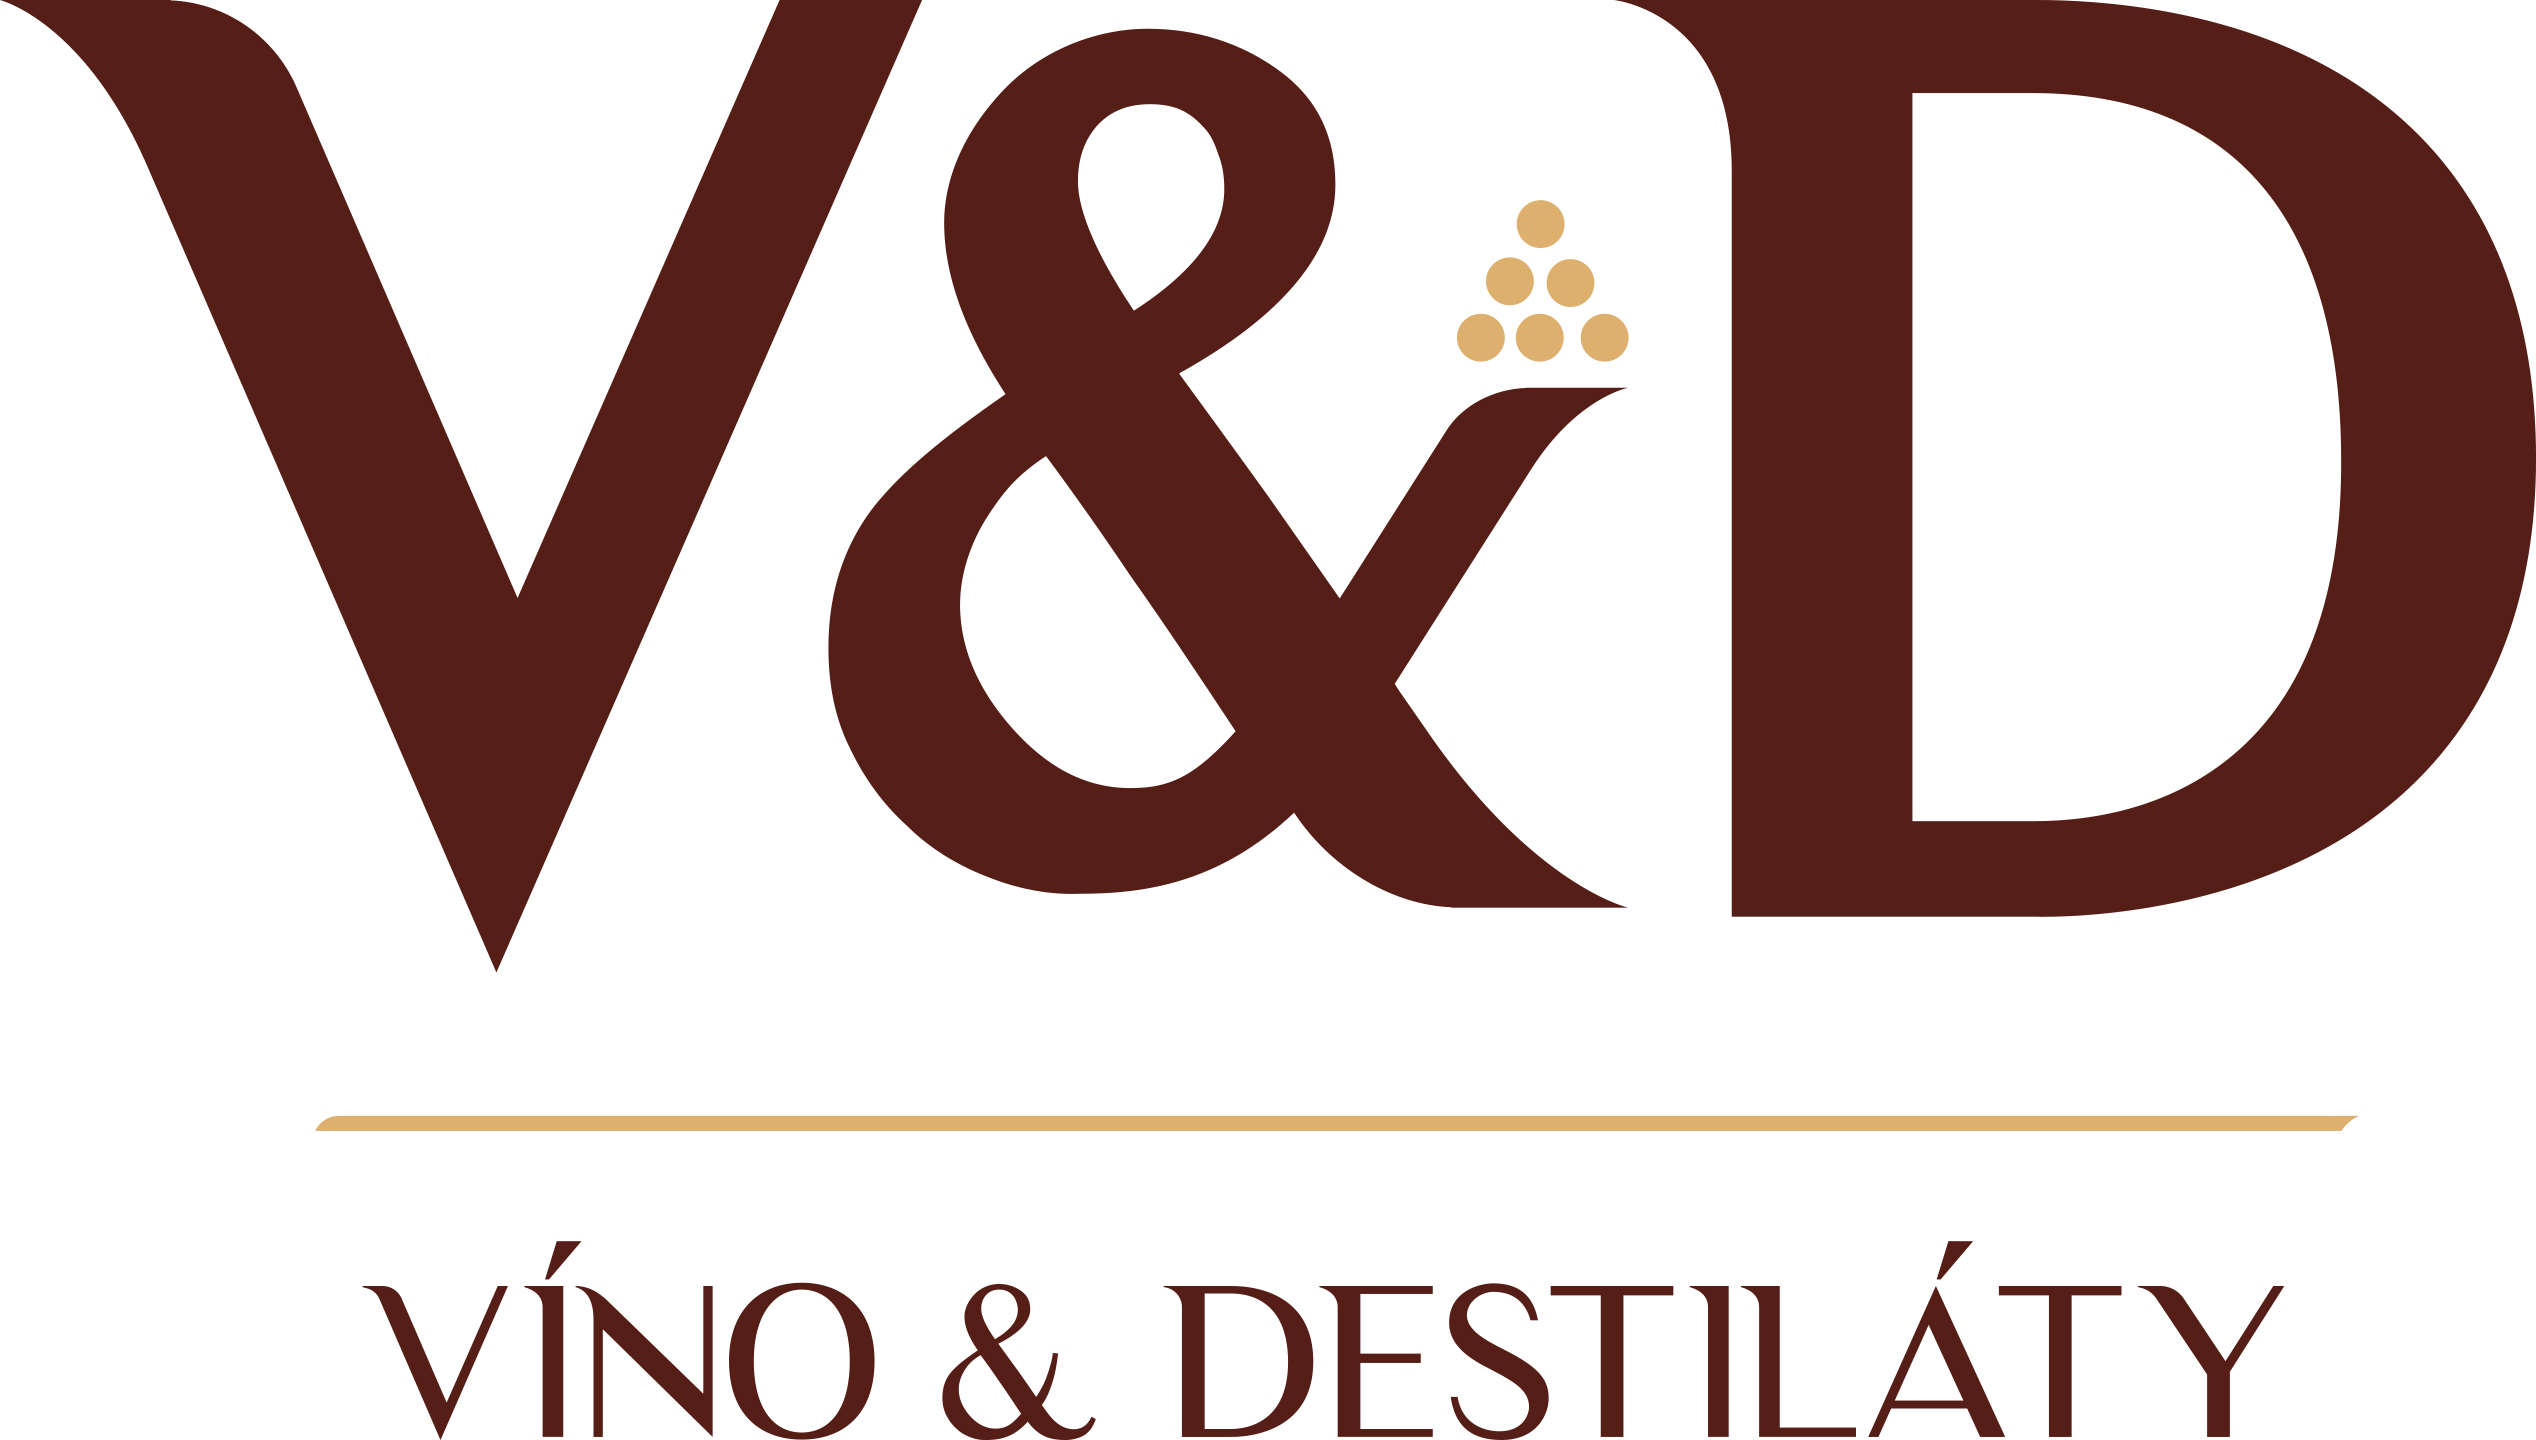 Víno & Destiláty